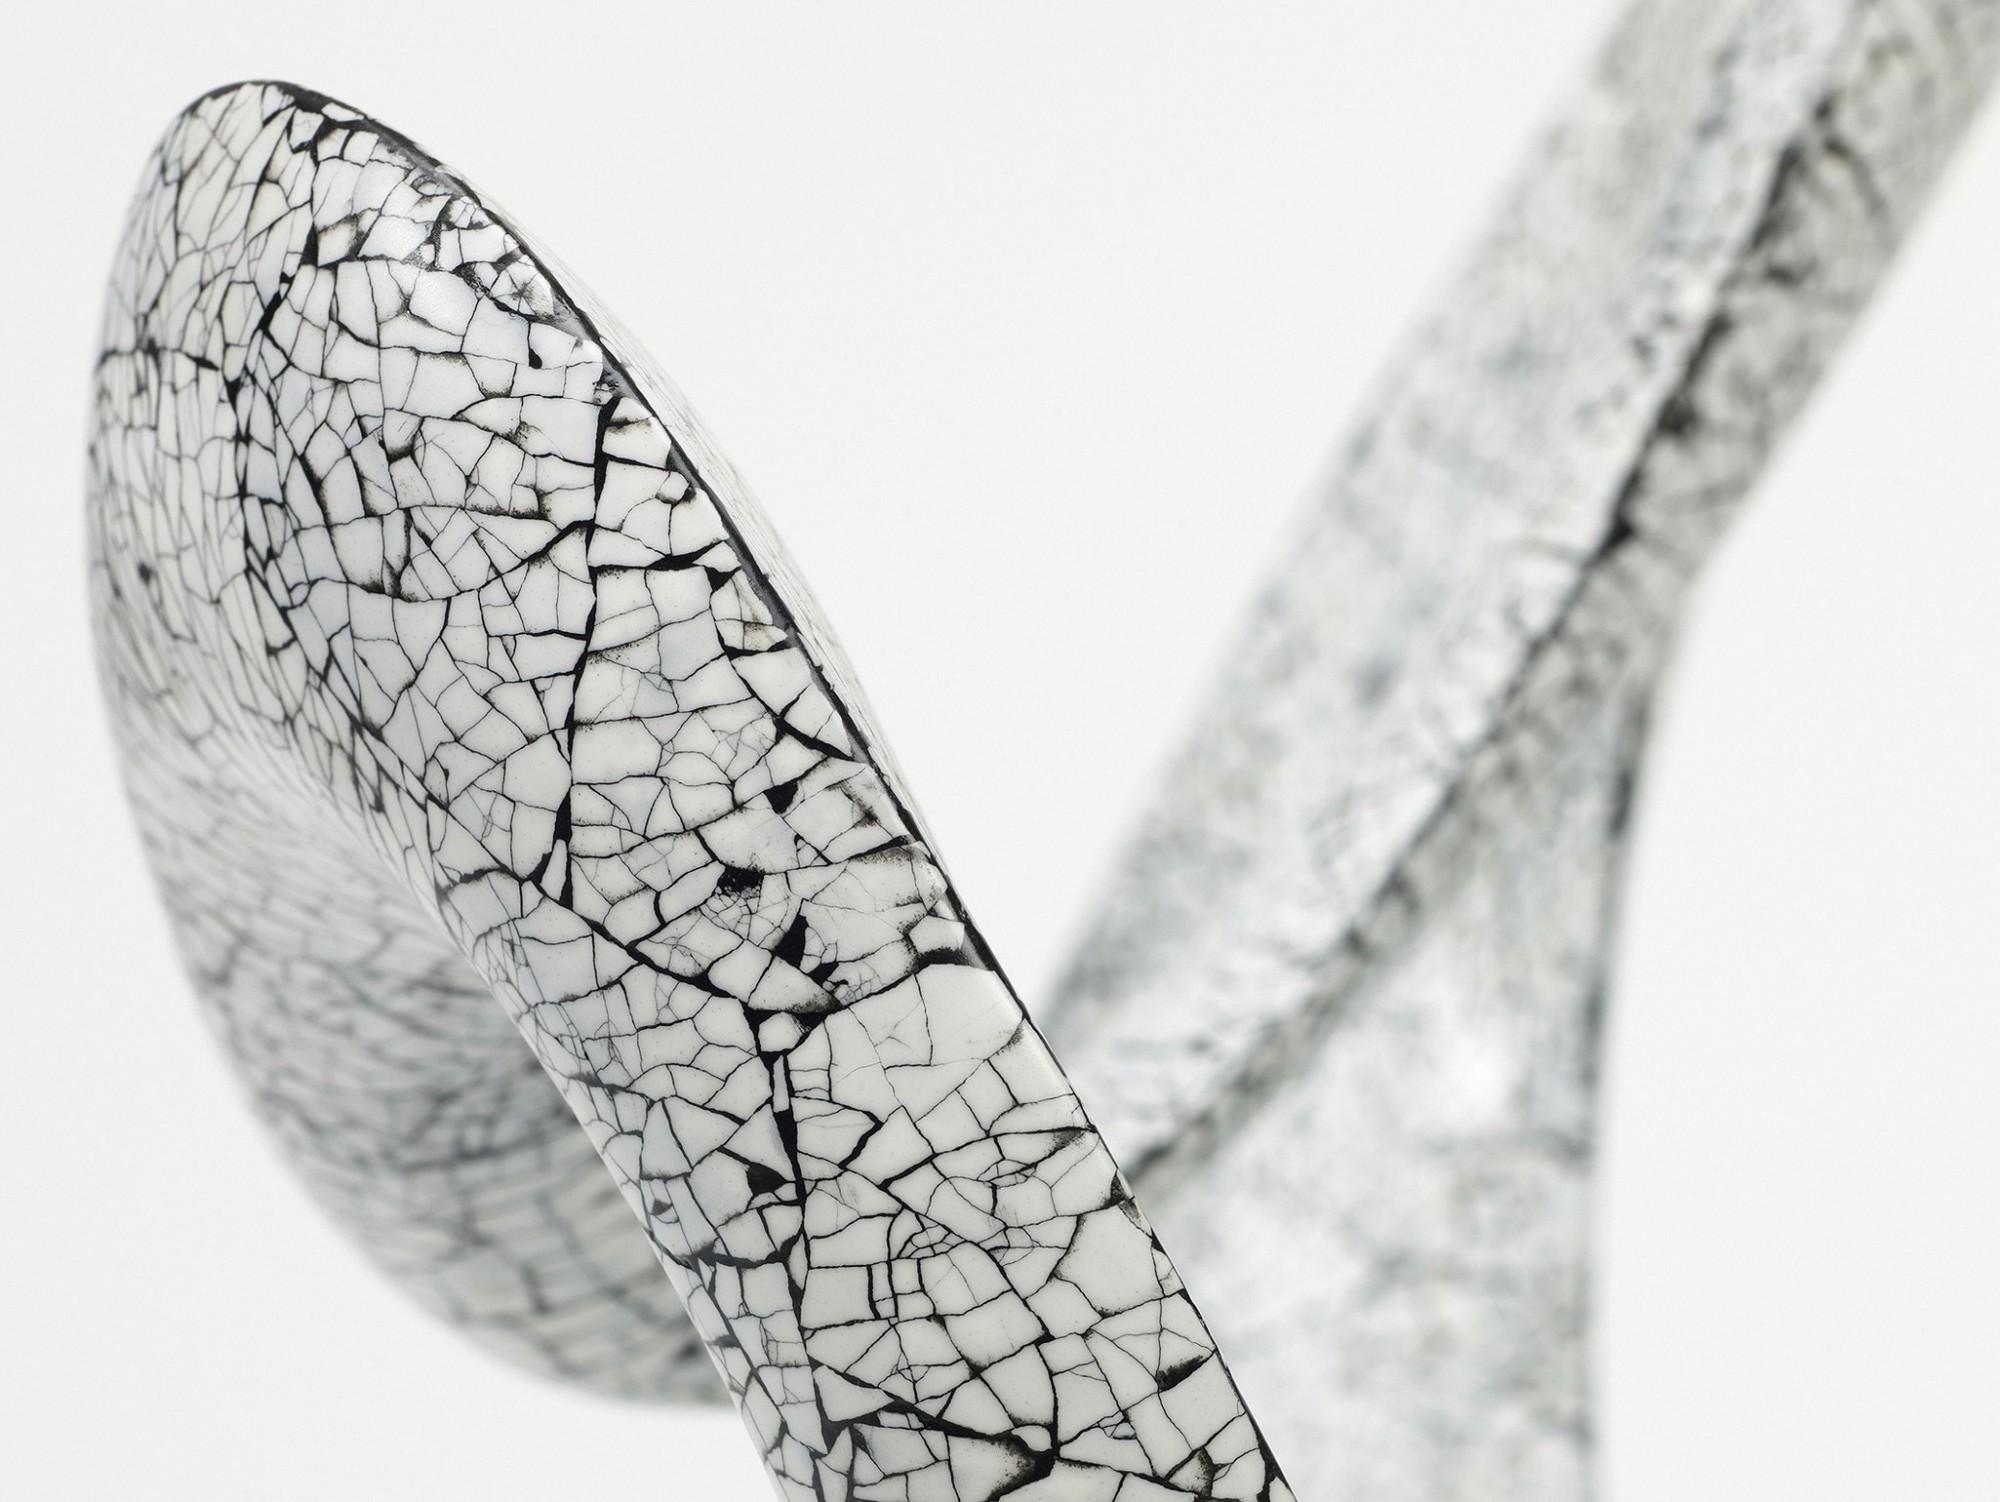 Afbeelding: Studio fotografie detail, sculpturen voor DV/D'sign.